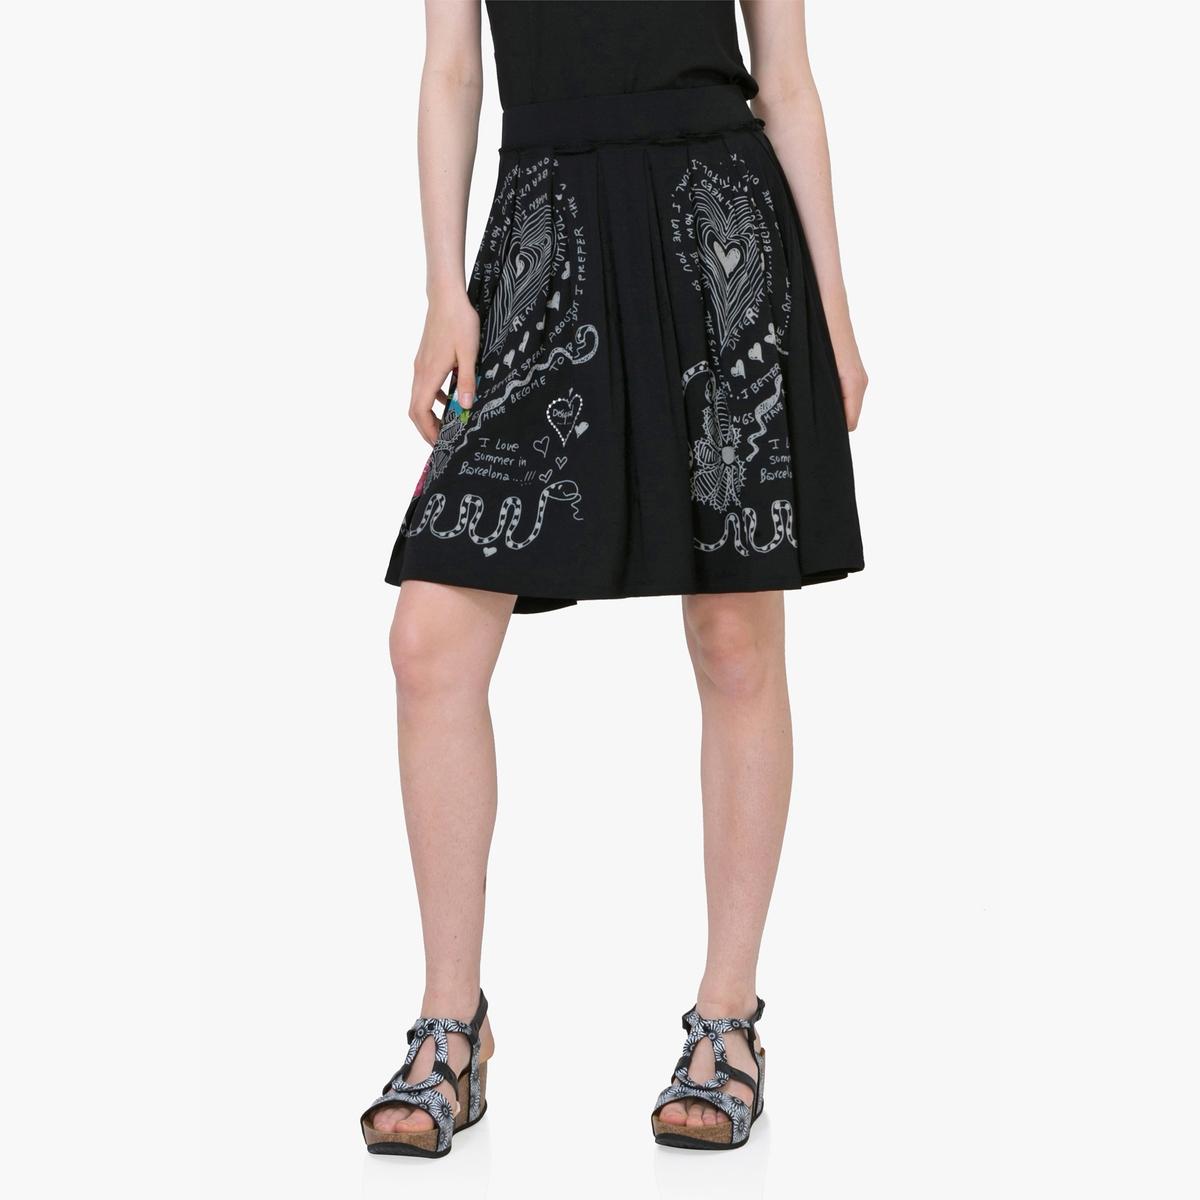 Юбка расклешенная с цветочным рисункомМатериал: 95% вискозы, 5% эластана. Рисунок: цветочный.Длина юбки: до колен.<br><br>Цвет: черный